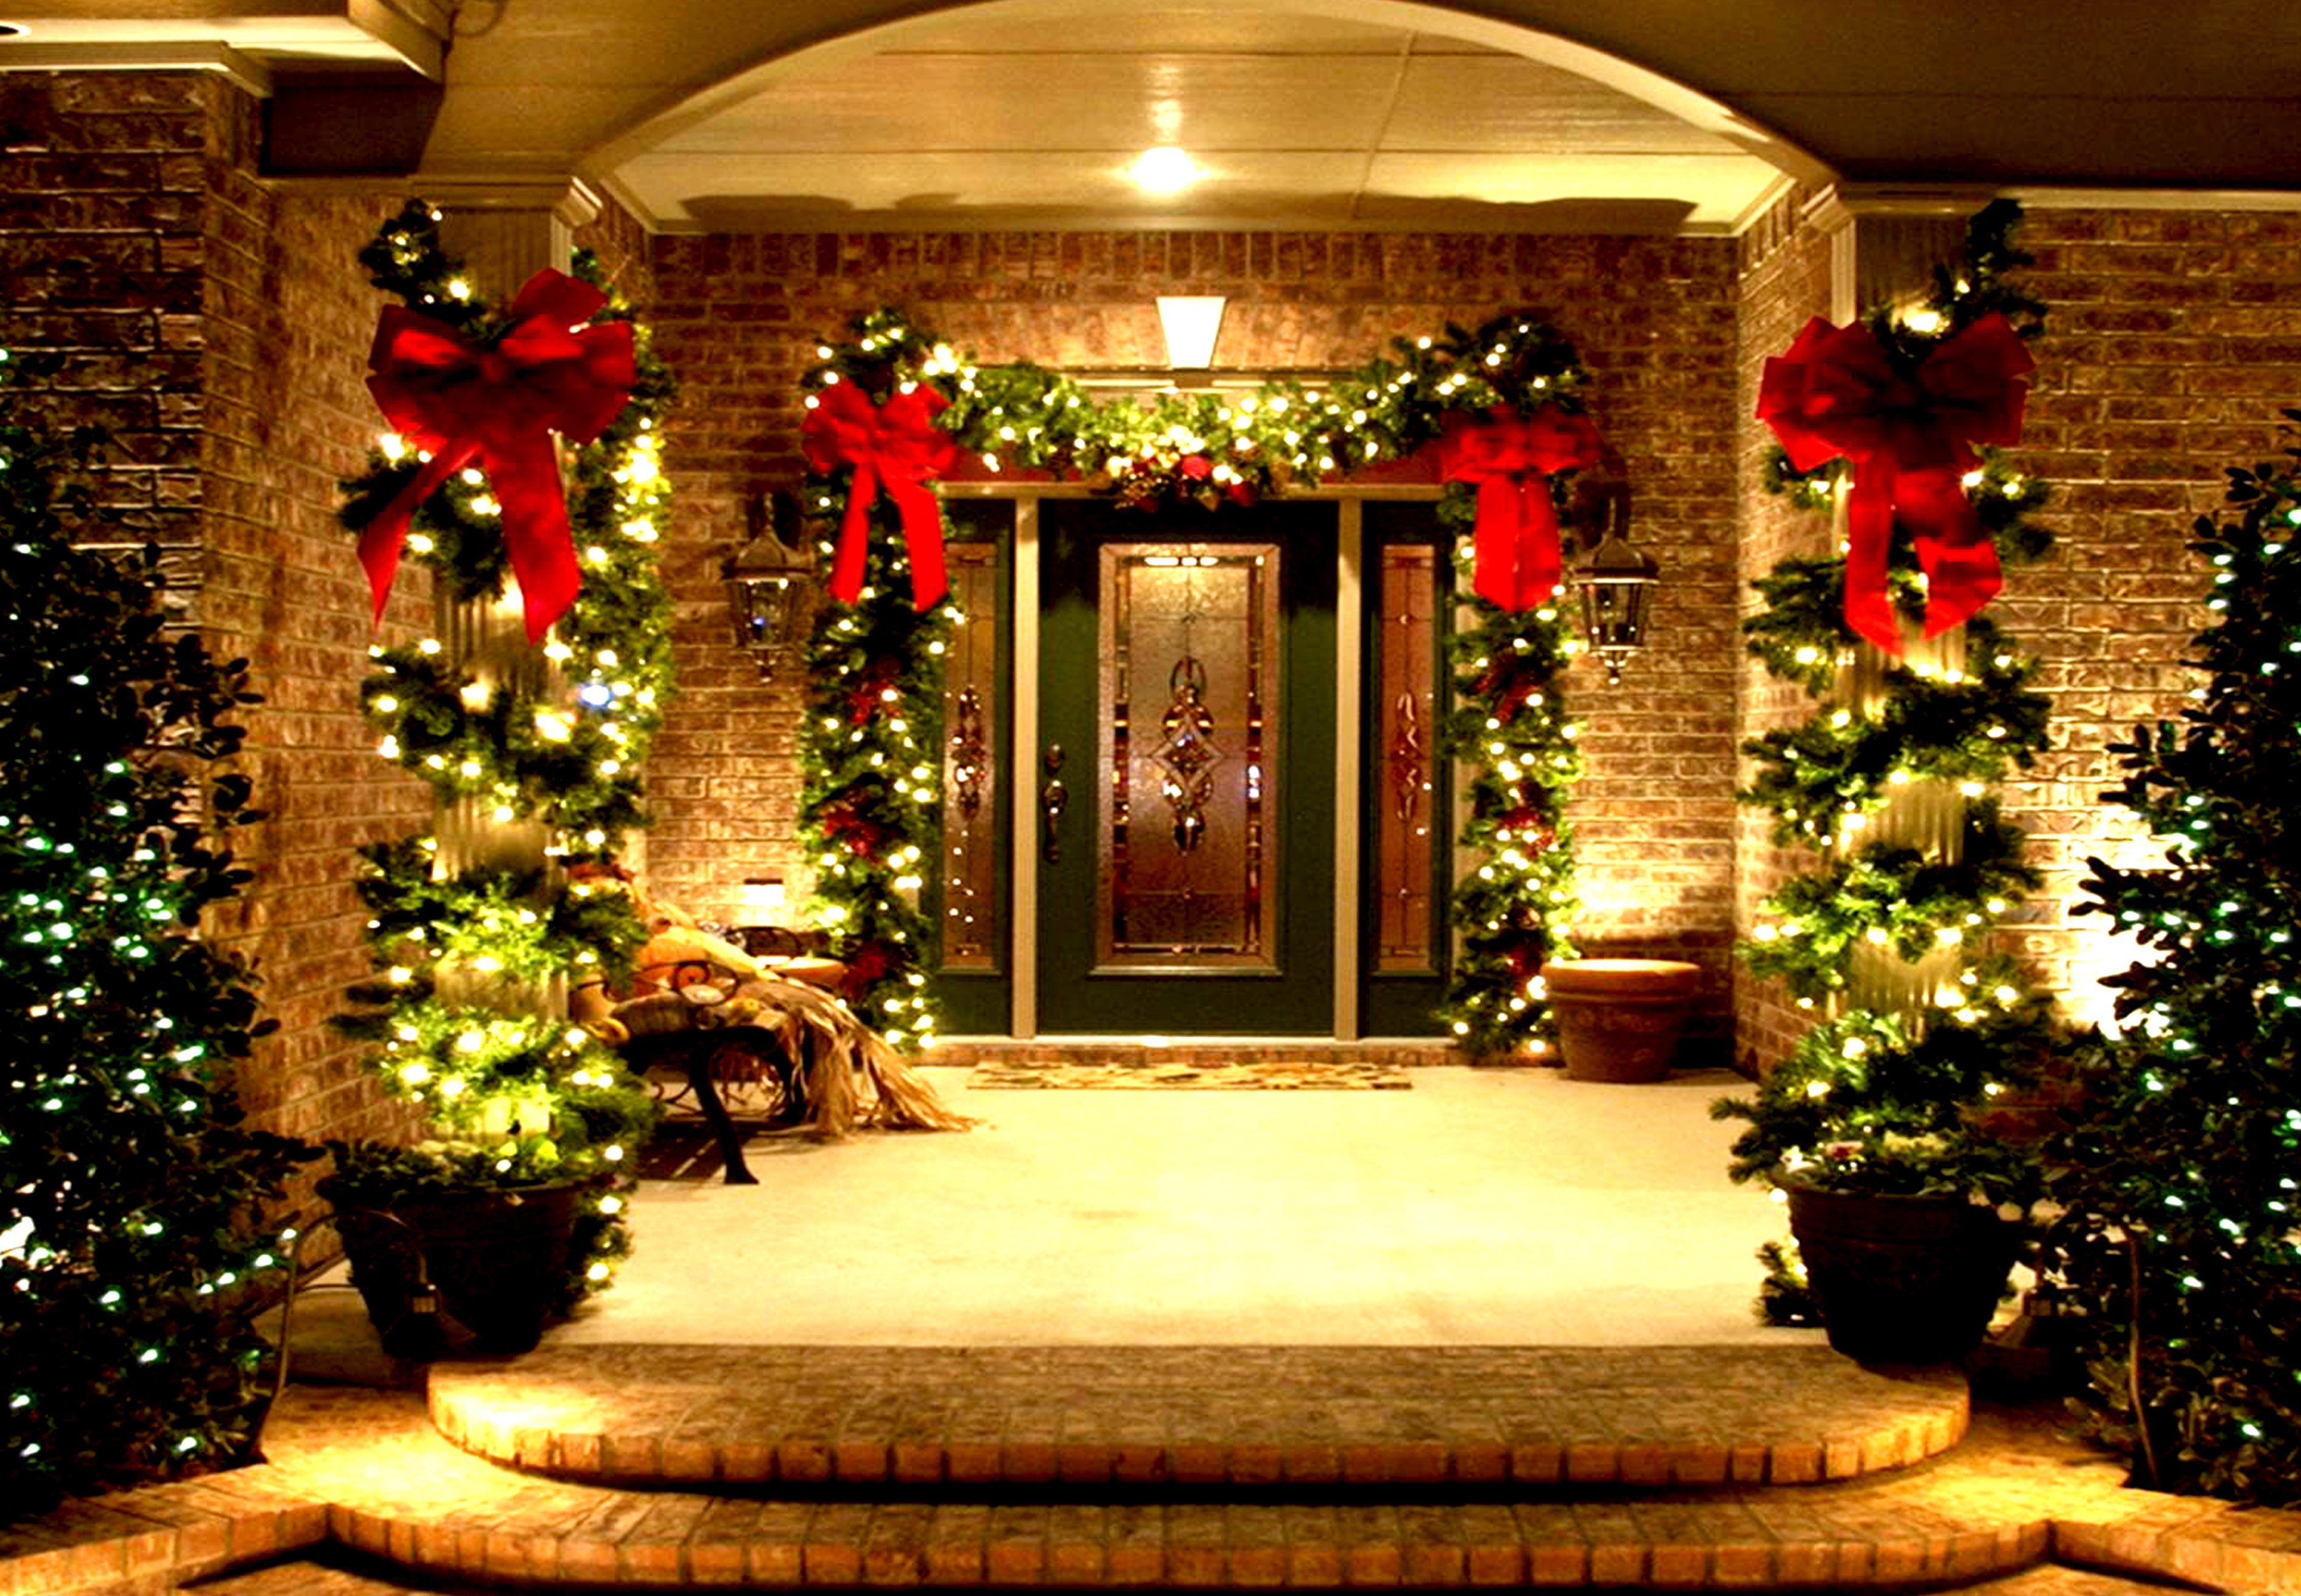 Картинки новогодних украшений для дома, новым